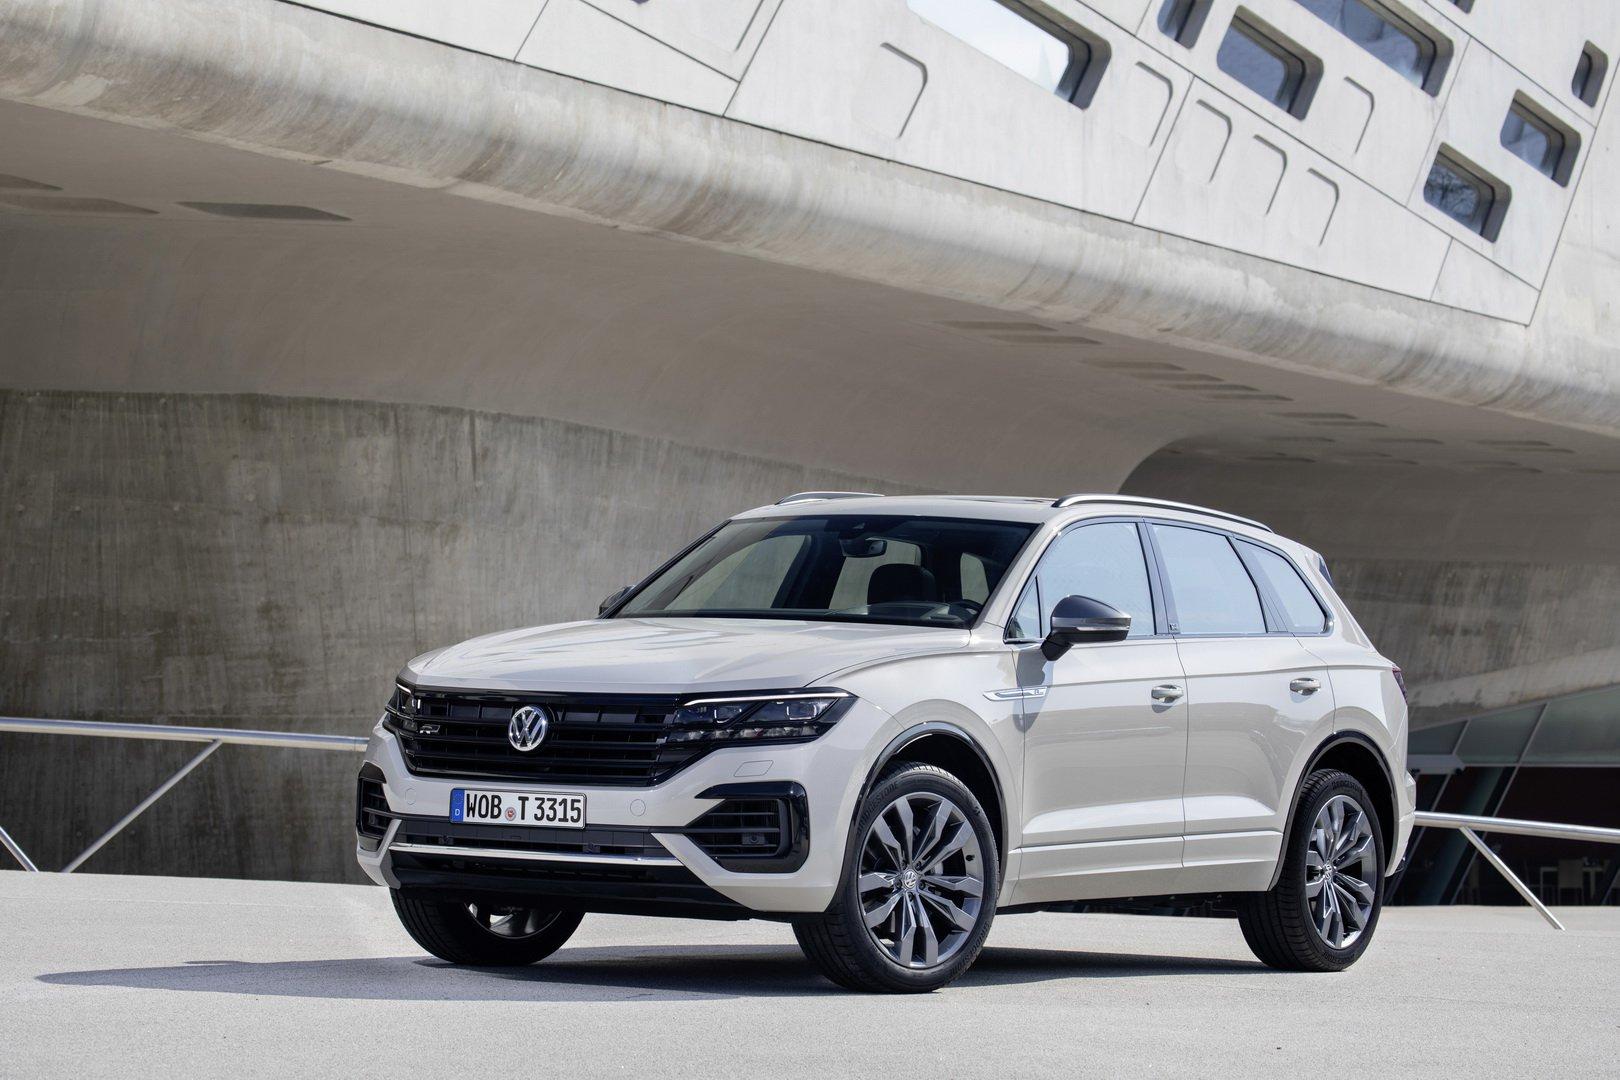 Volkswagen-Touareg-One-Million-Edition-4